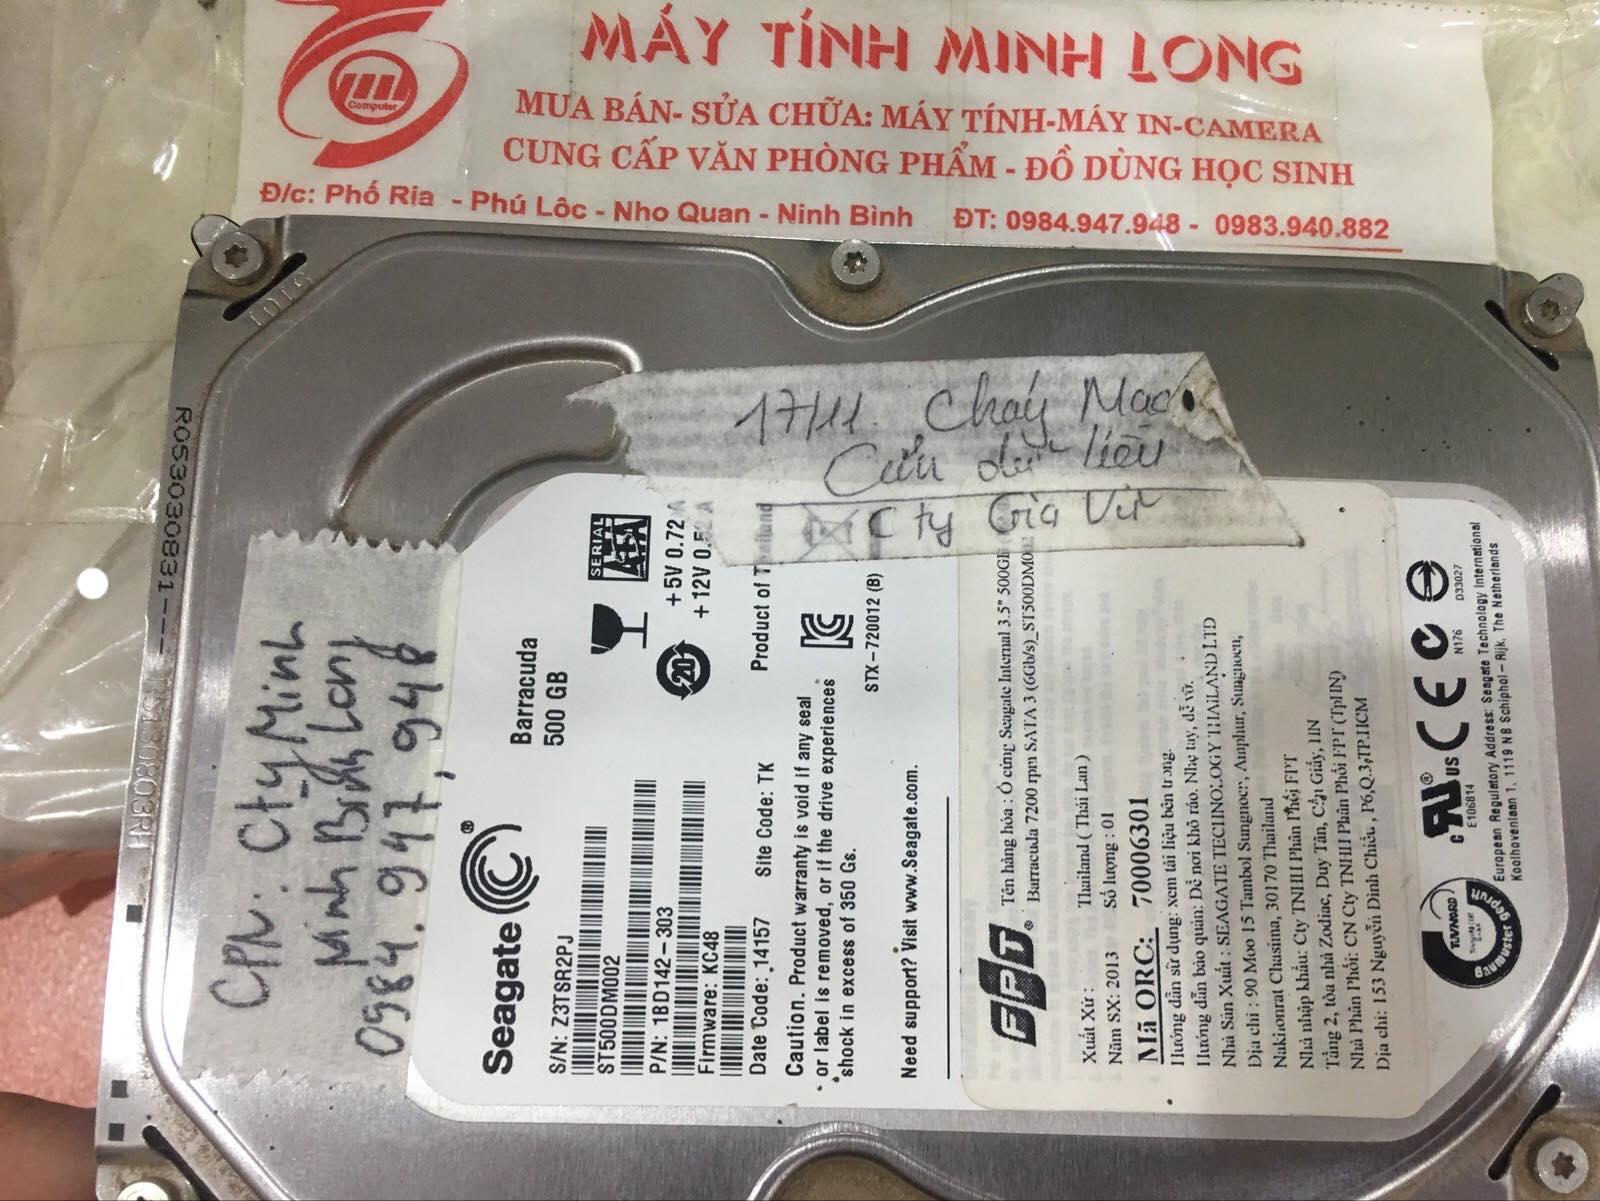 Phục hồi dữ liệu ổ cứng Seagate 500GB đầu đọc kém tại Ninh Bình 02/12/2019 - cuumaytinh